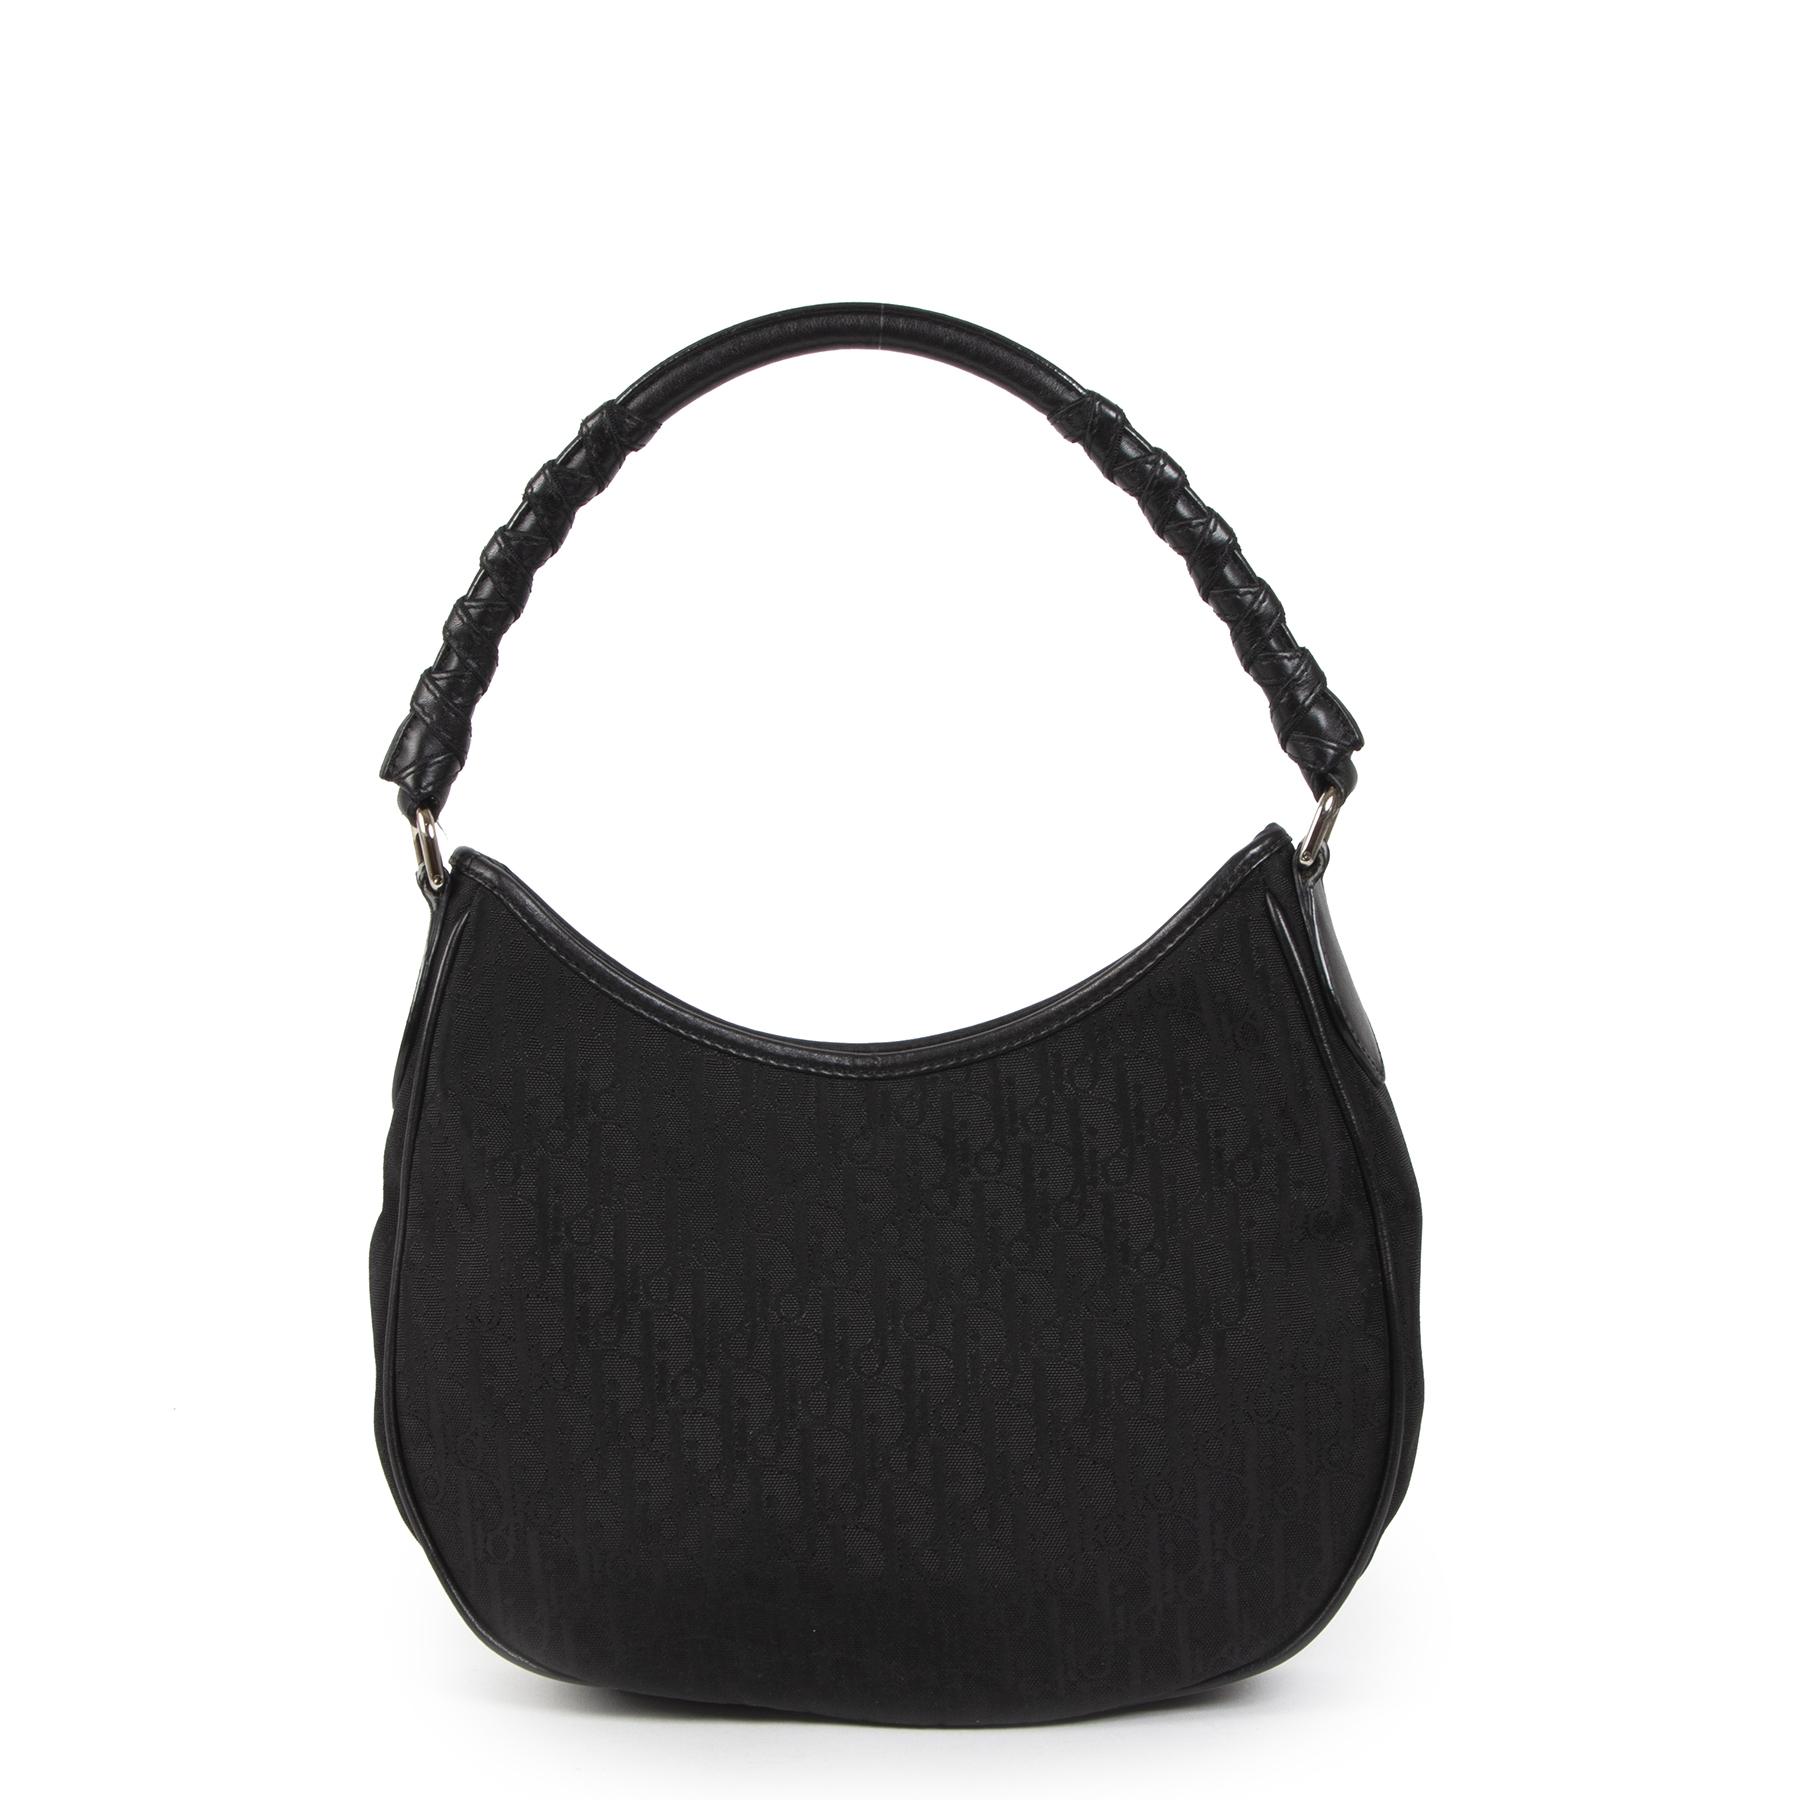 Koop authentieke tweedehands Dior Tassen met de juiste prijs bij LabelLOV.